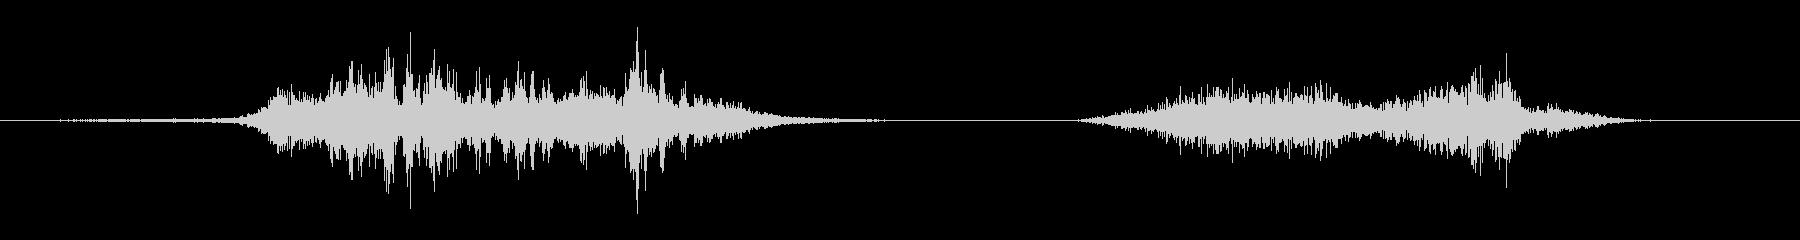 飛行機DH.110シービクセンオー...の未再生の波形